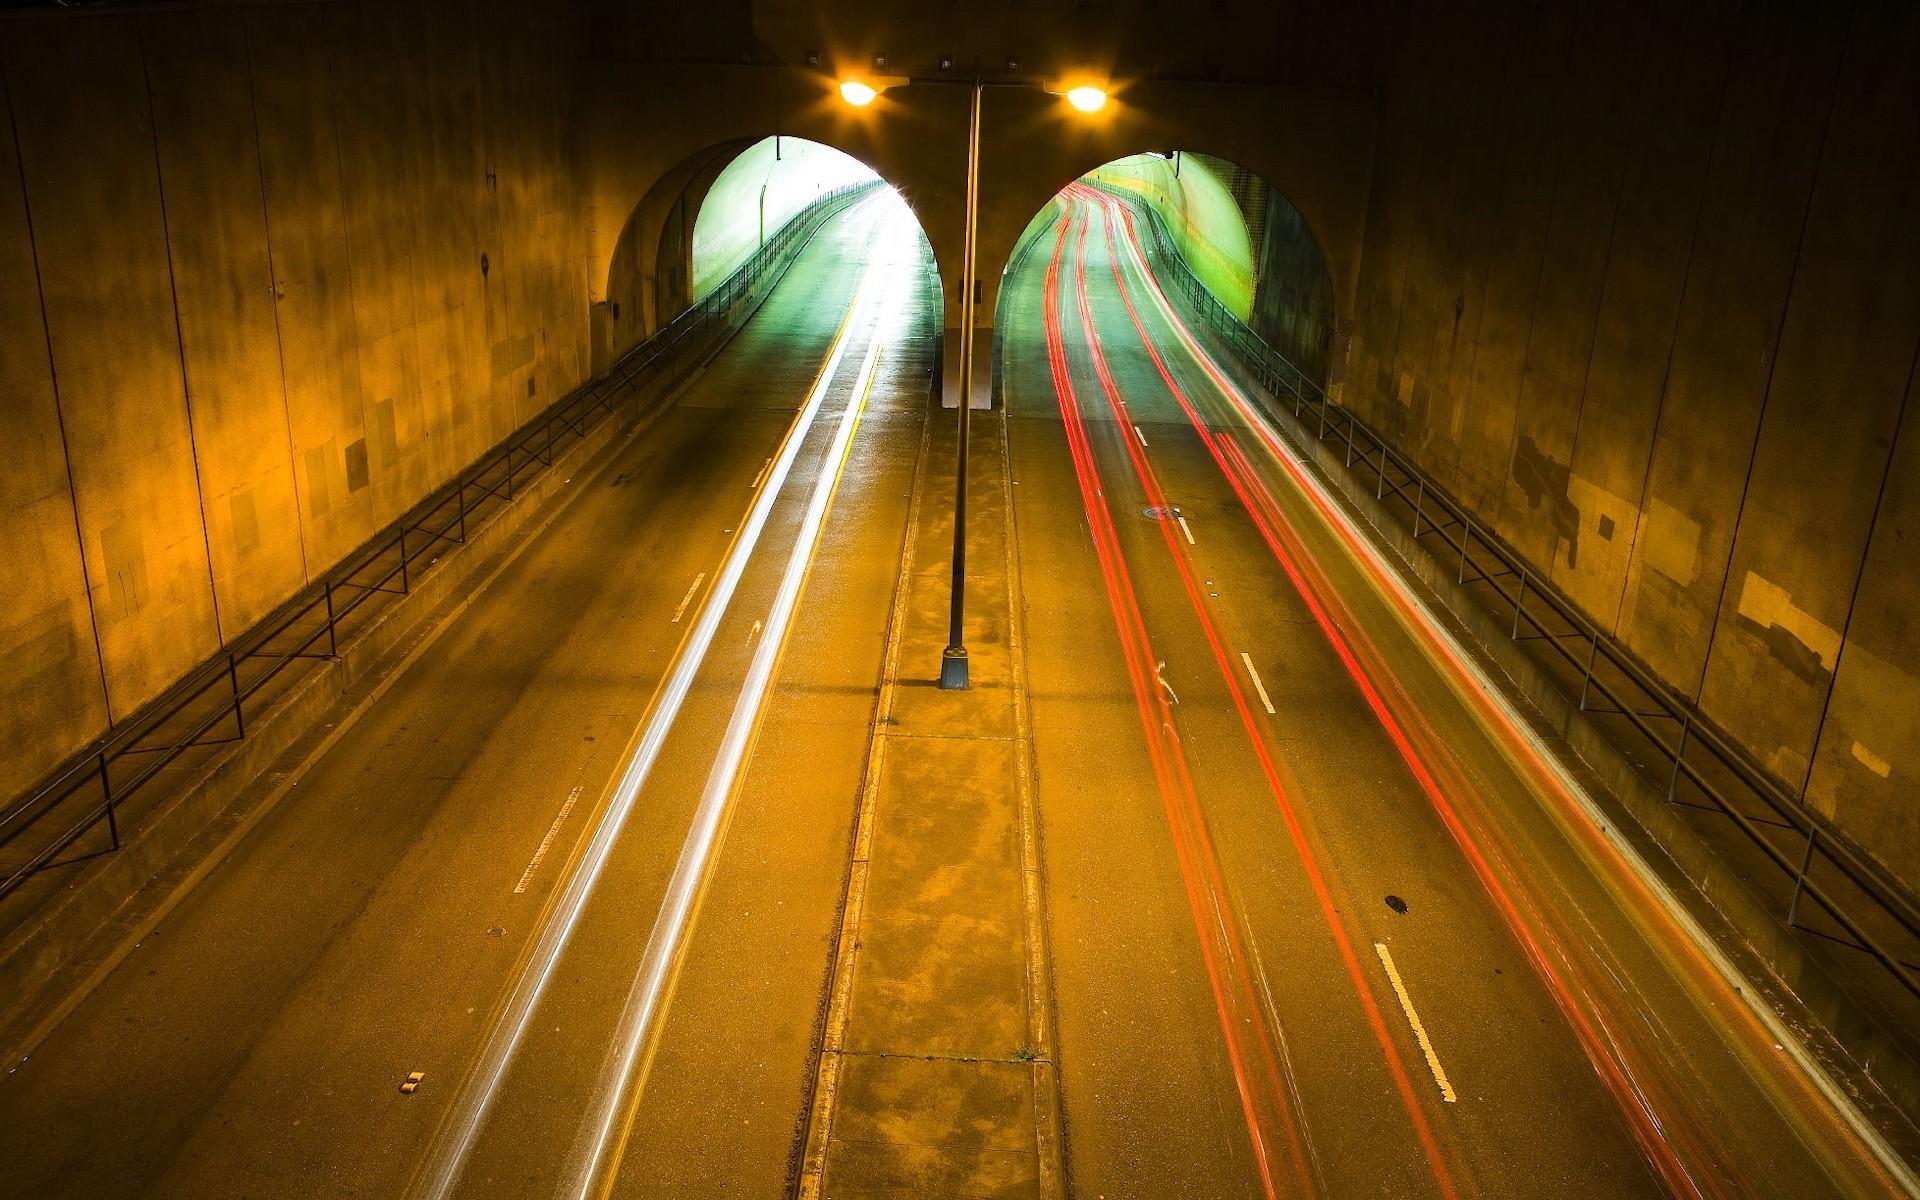 wallpaper road adnfriki (9)